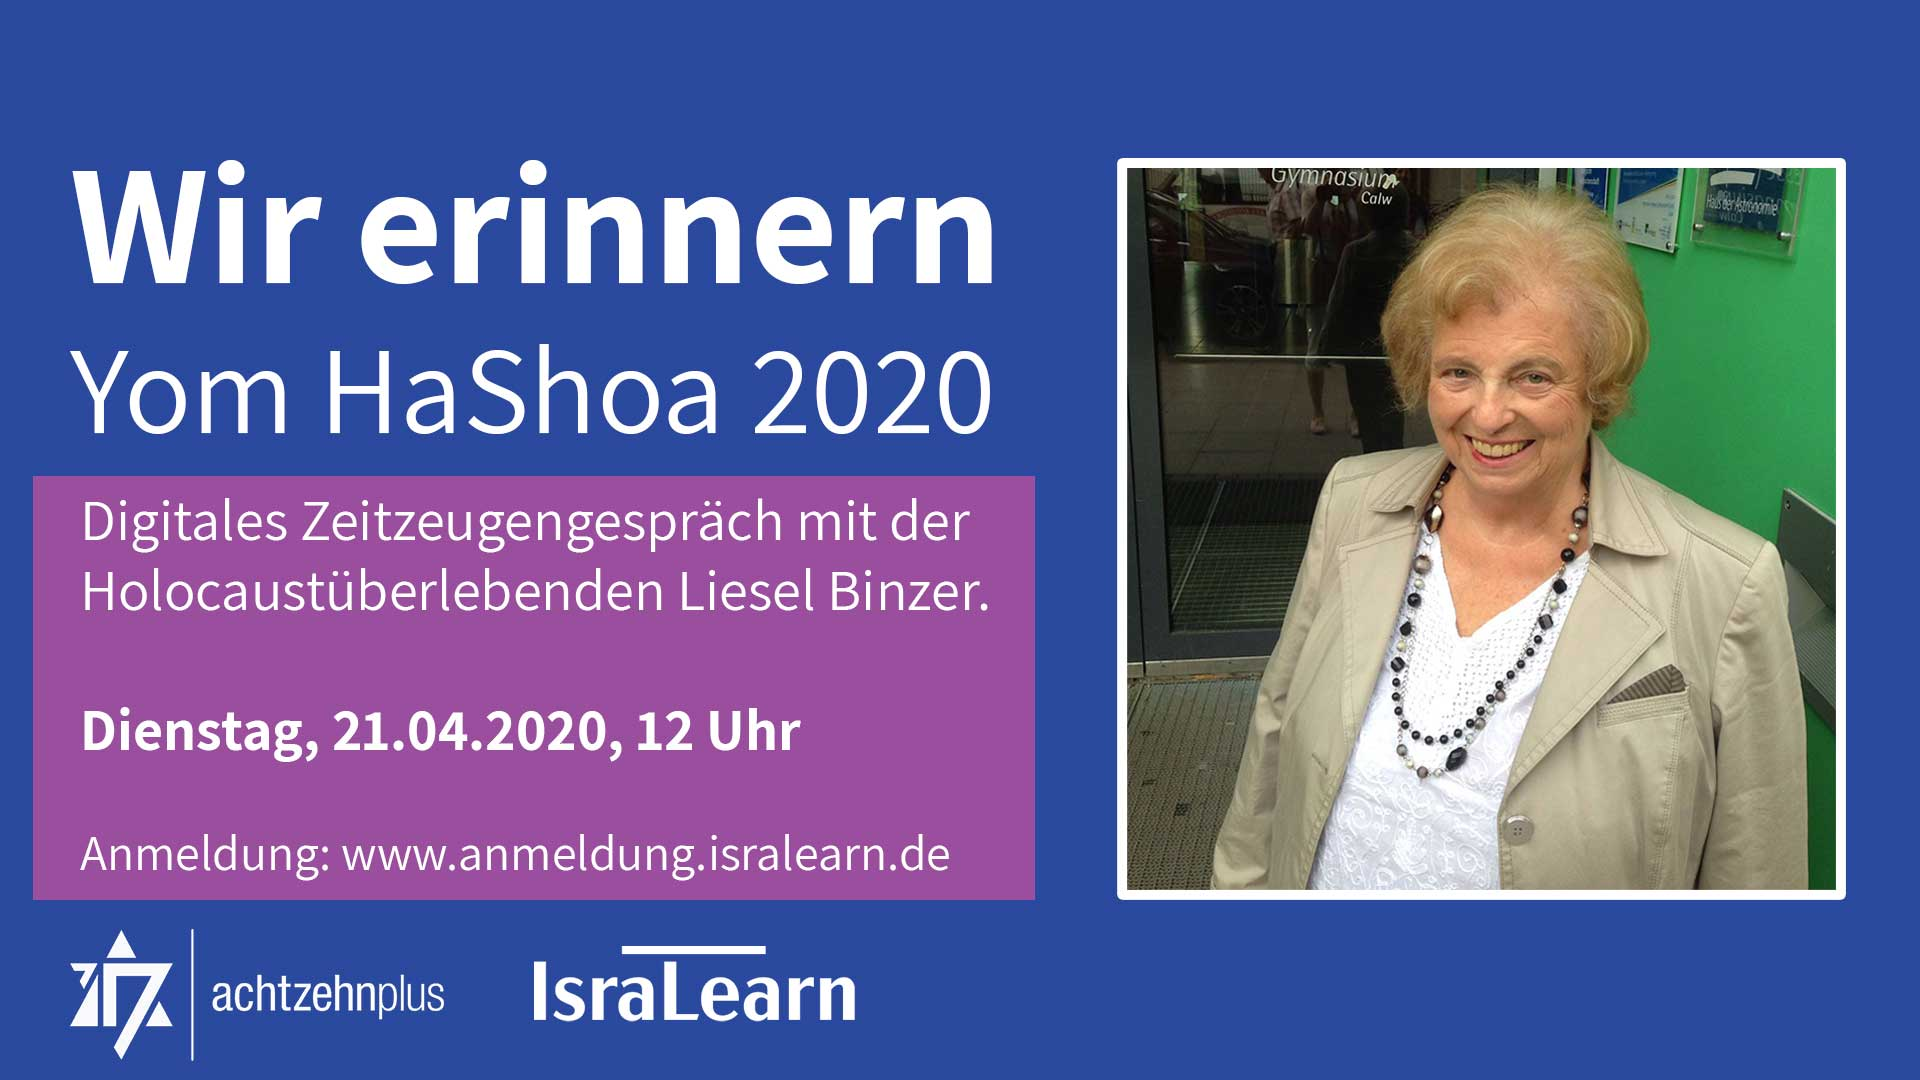 Yom HaShoa 2020 - Digitales Zeitzeugengespräch